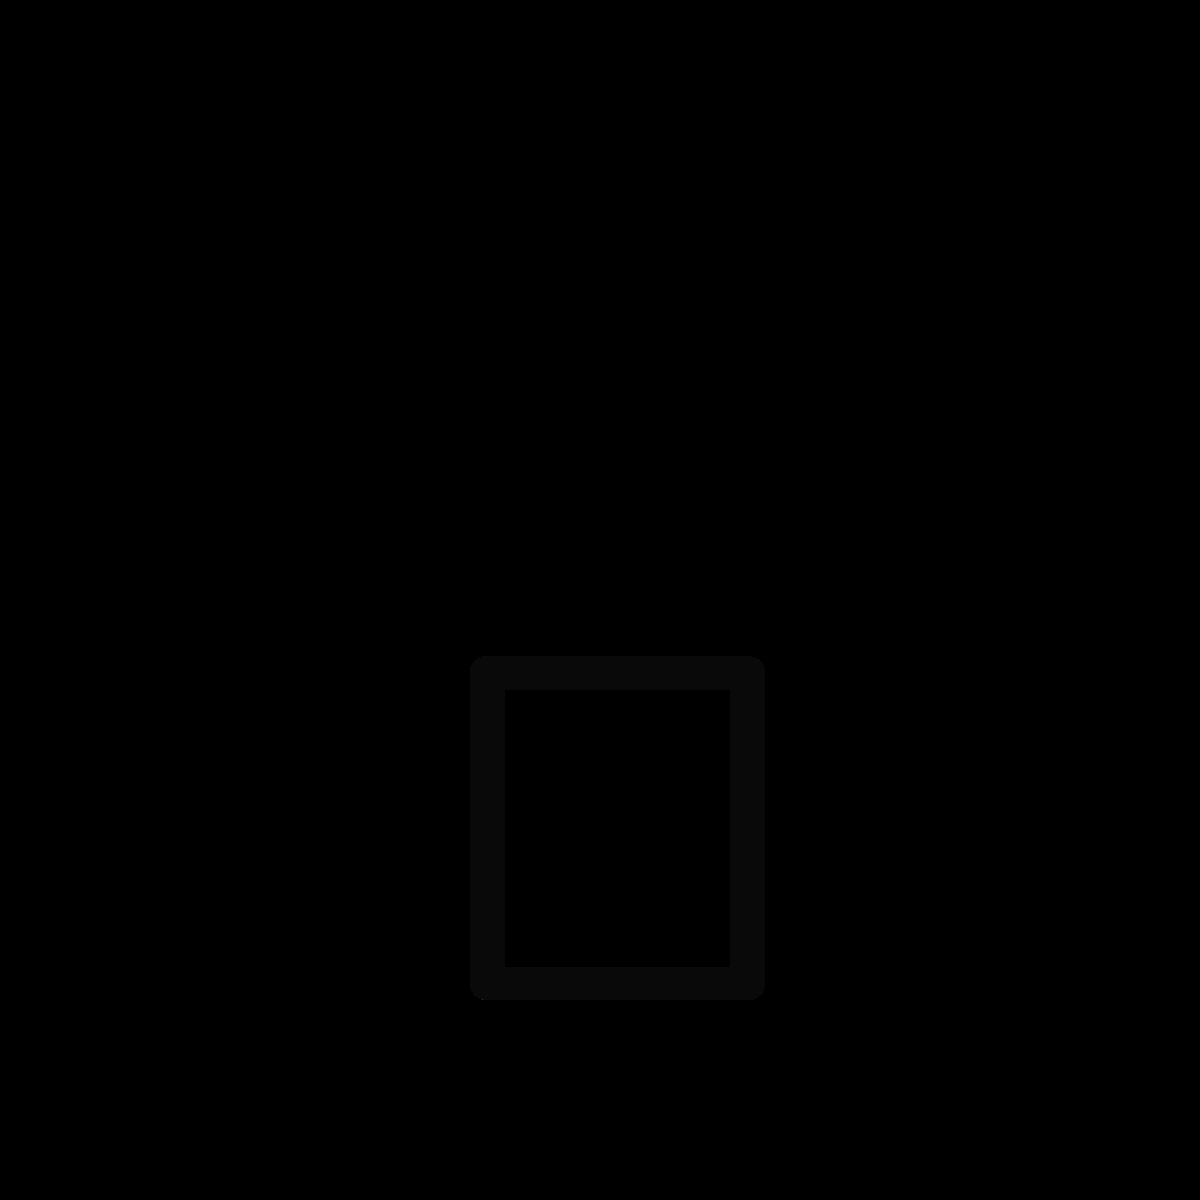 Белый домик картинка на прозрачном фоне